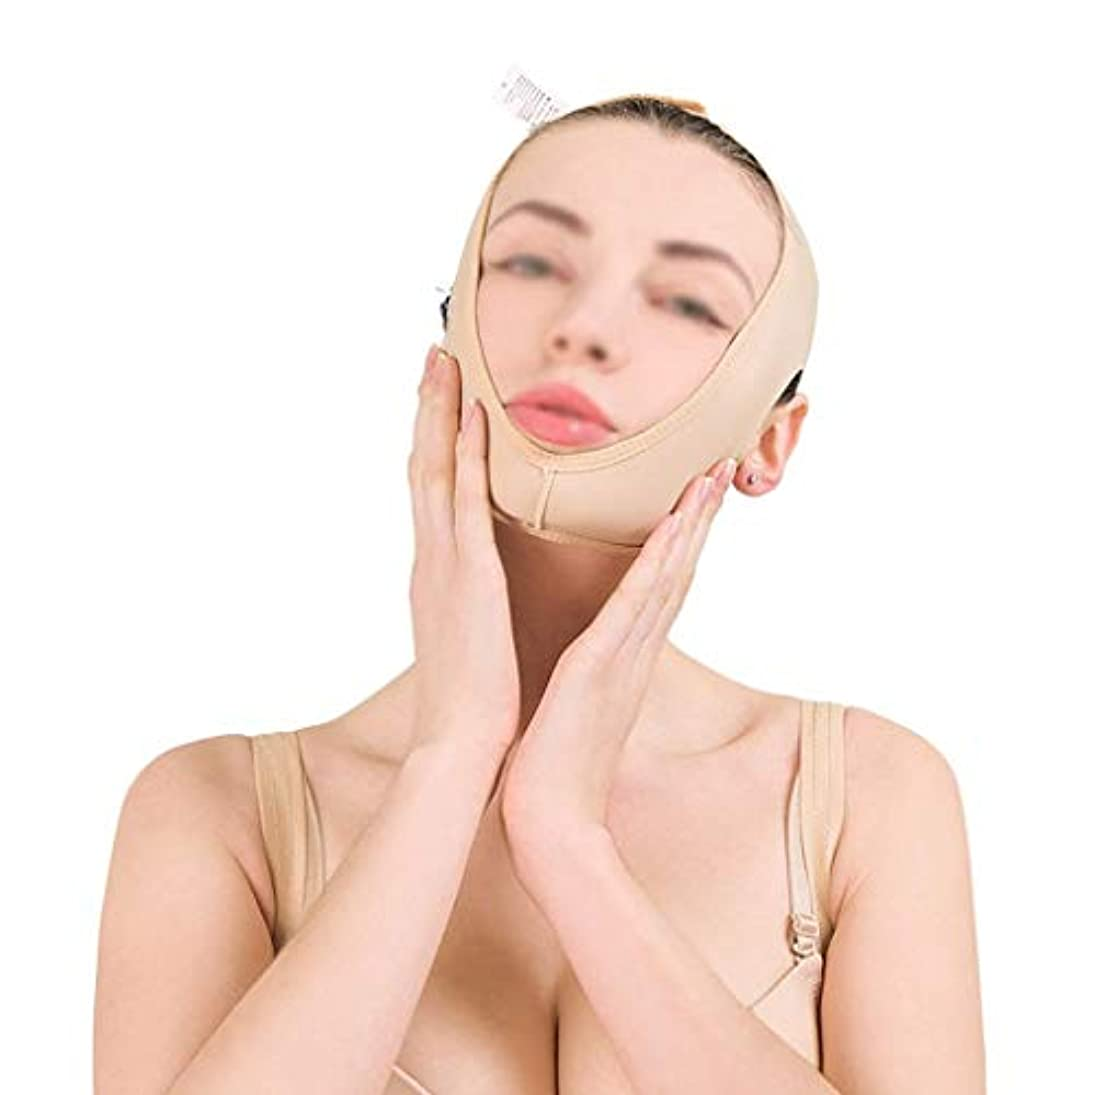 洗うファイアル感心するマスク減量、肌の包帯を引き締めるリフティングフェイスバンド、フェイスリフティング、ダブルチンビューティバンデージ、フェイスリフト(サイズ:L),ザ?